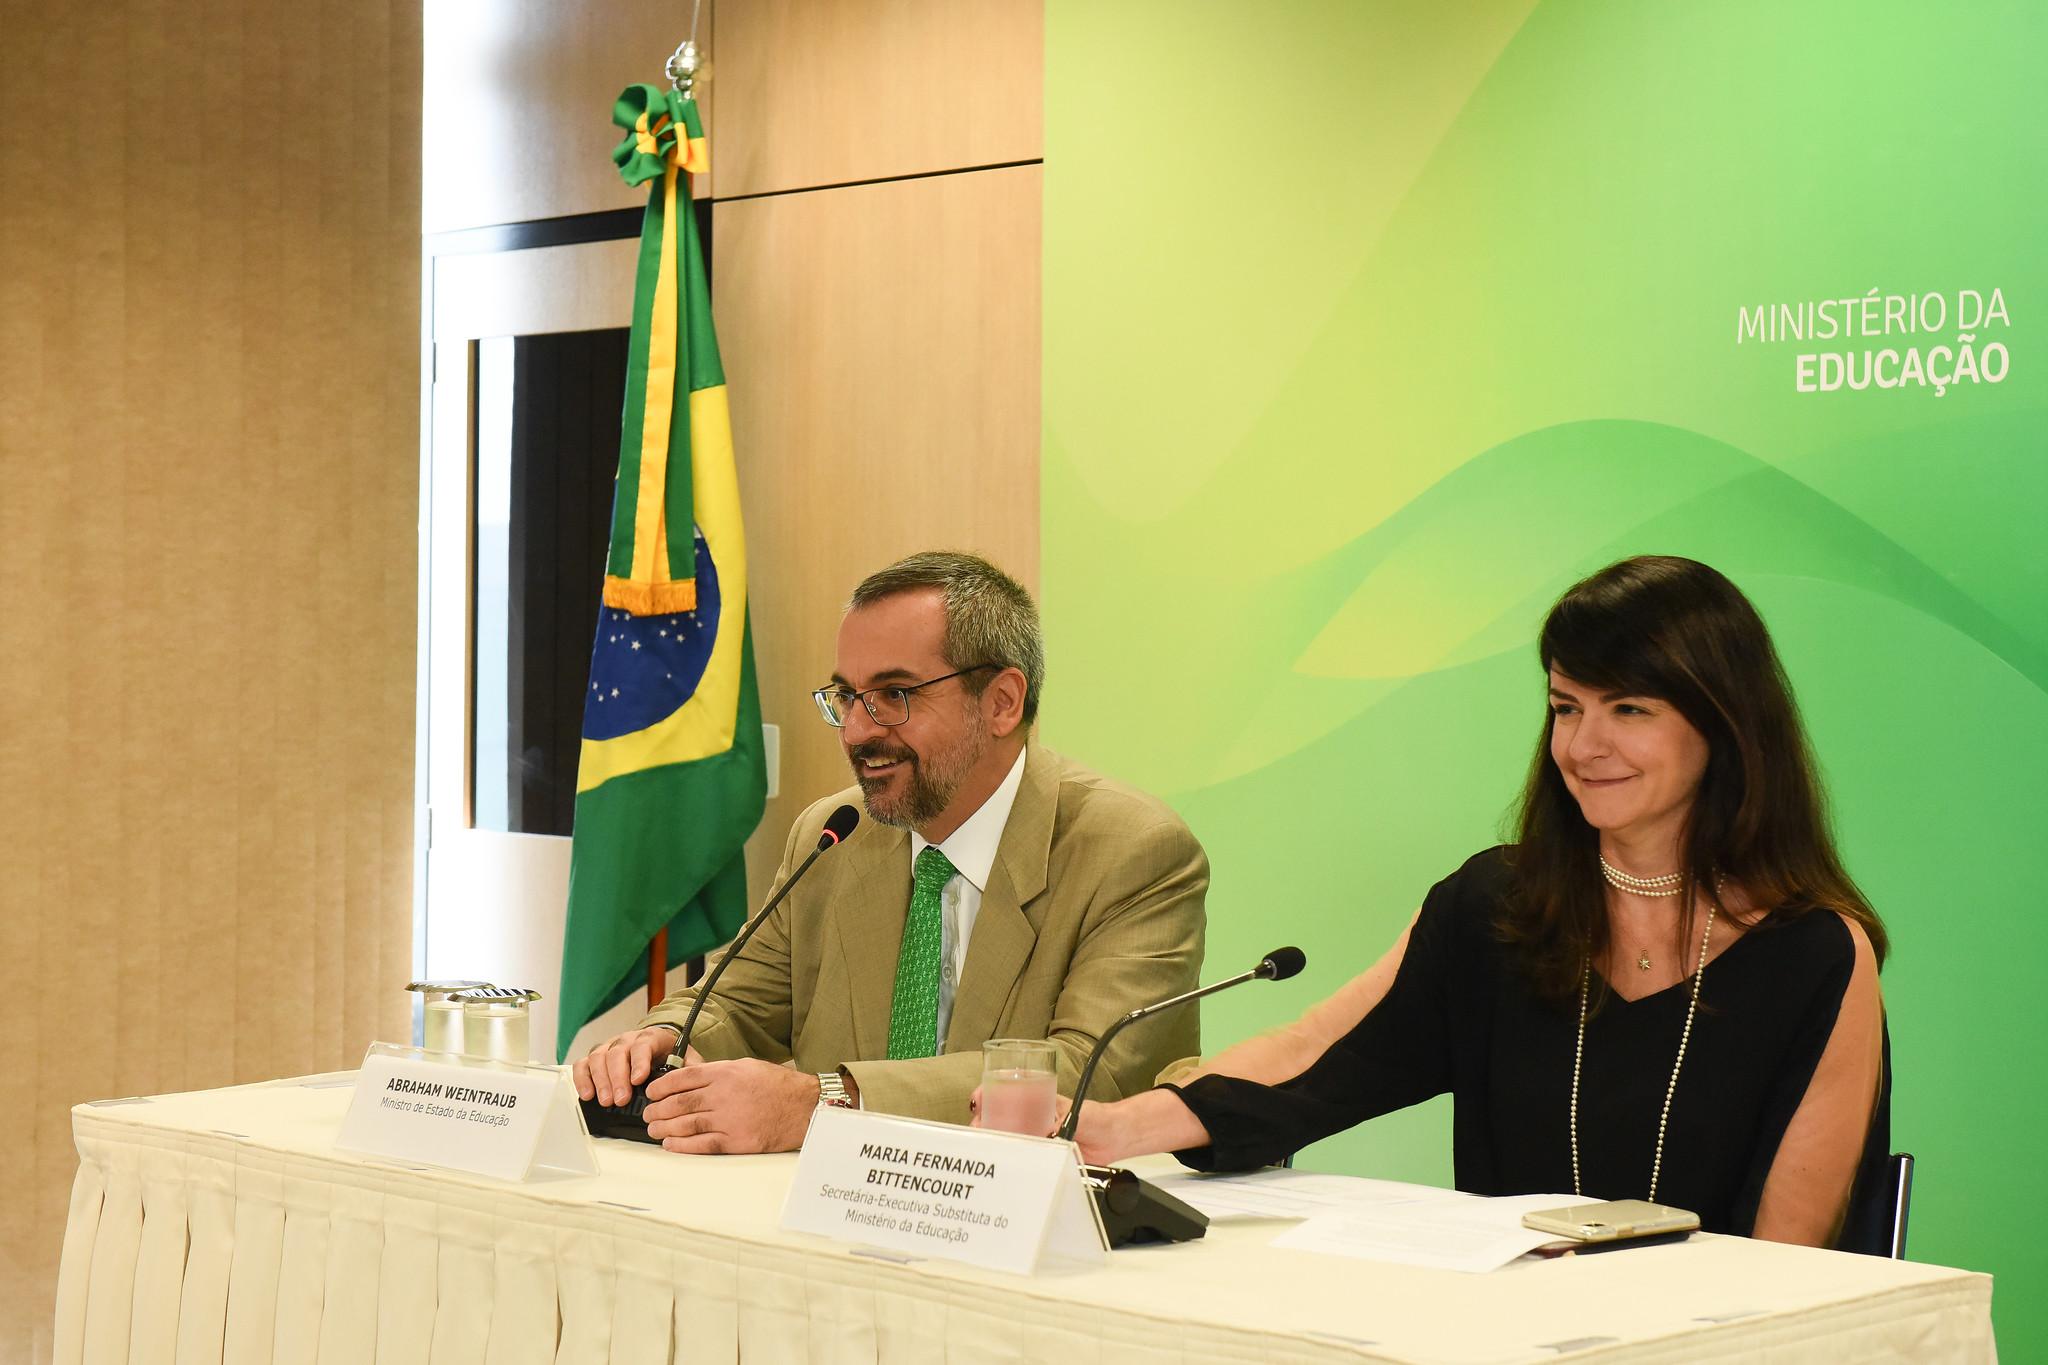 O ministro da Educação, Abraham Weintraub, e a secretária-executiva adjunta do MEC, Maria Fernanda Bittencourt, durante coletiva à imprensa nesta segunda-feira, 30 de setembro. Foto: Luciano Freire/MEC